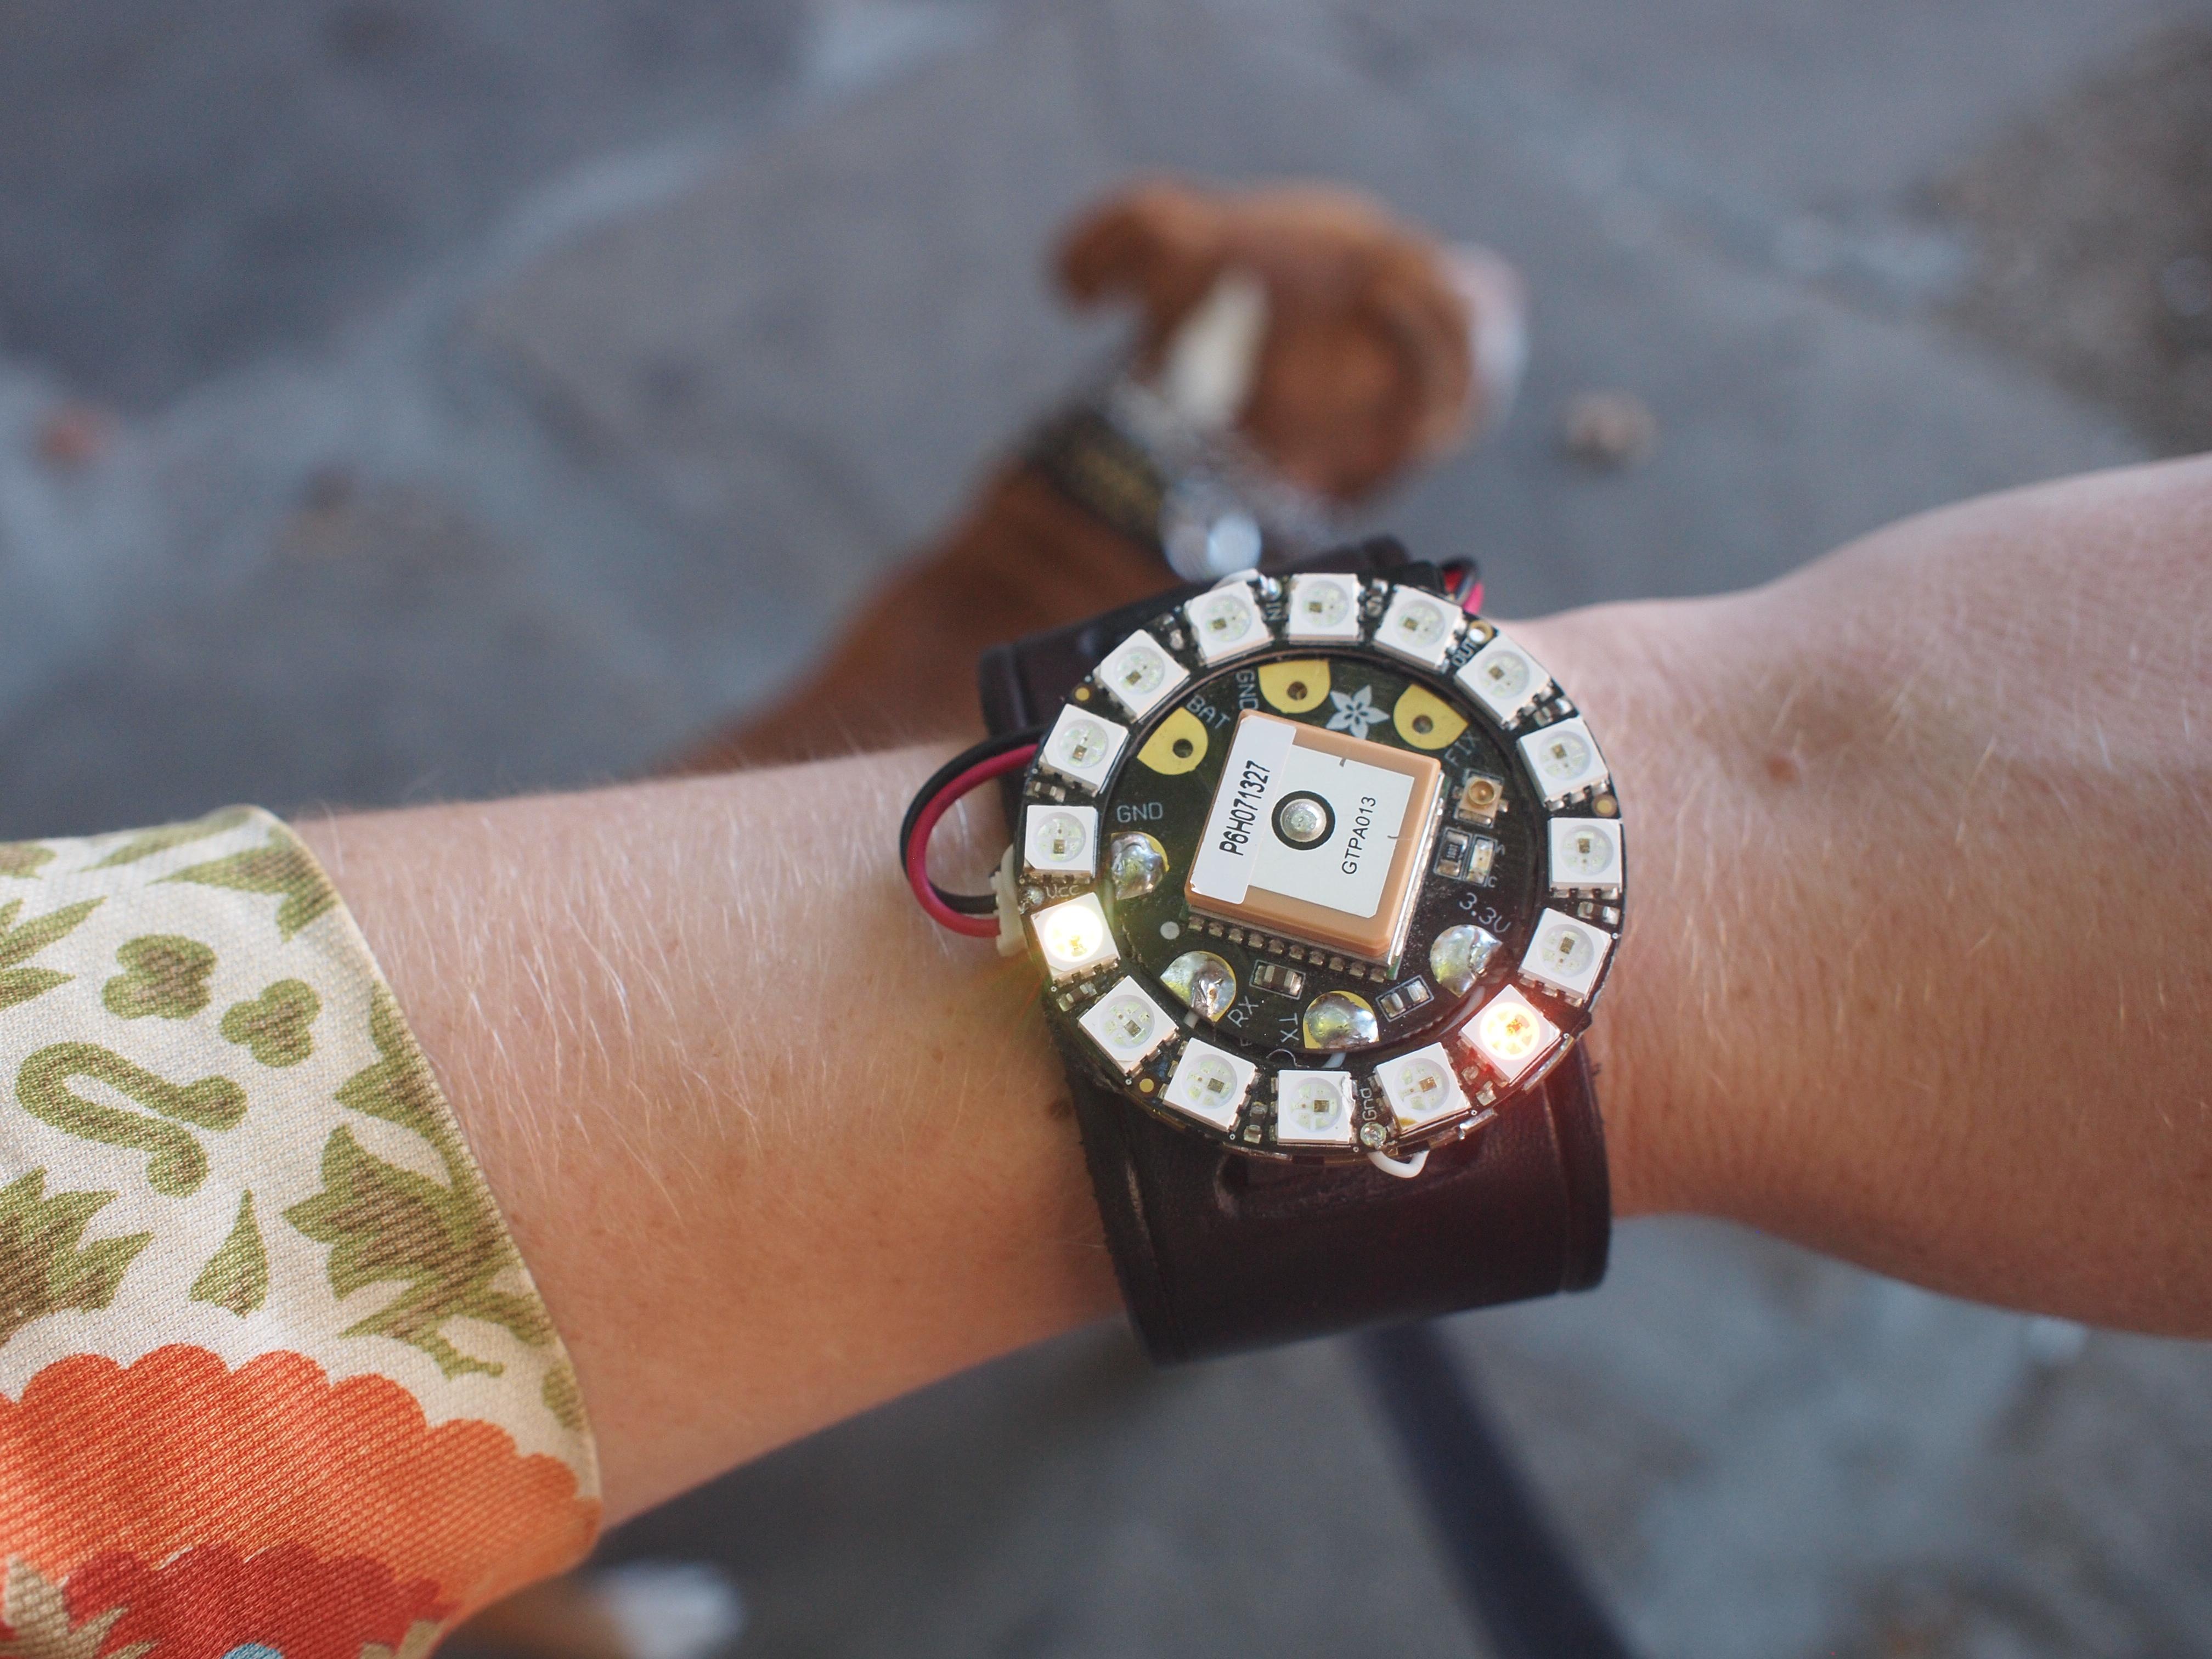 flora-geo-watch-timekeeping.JPG